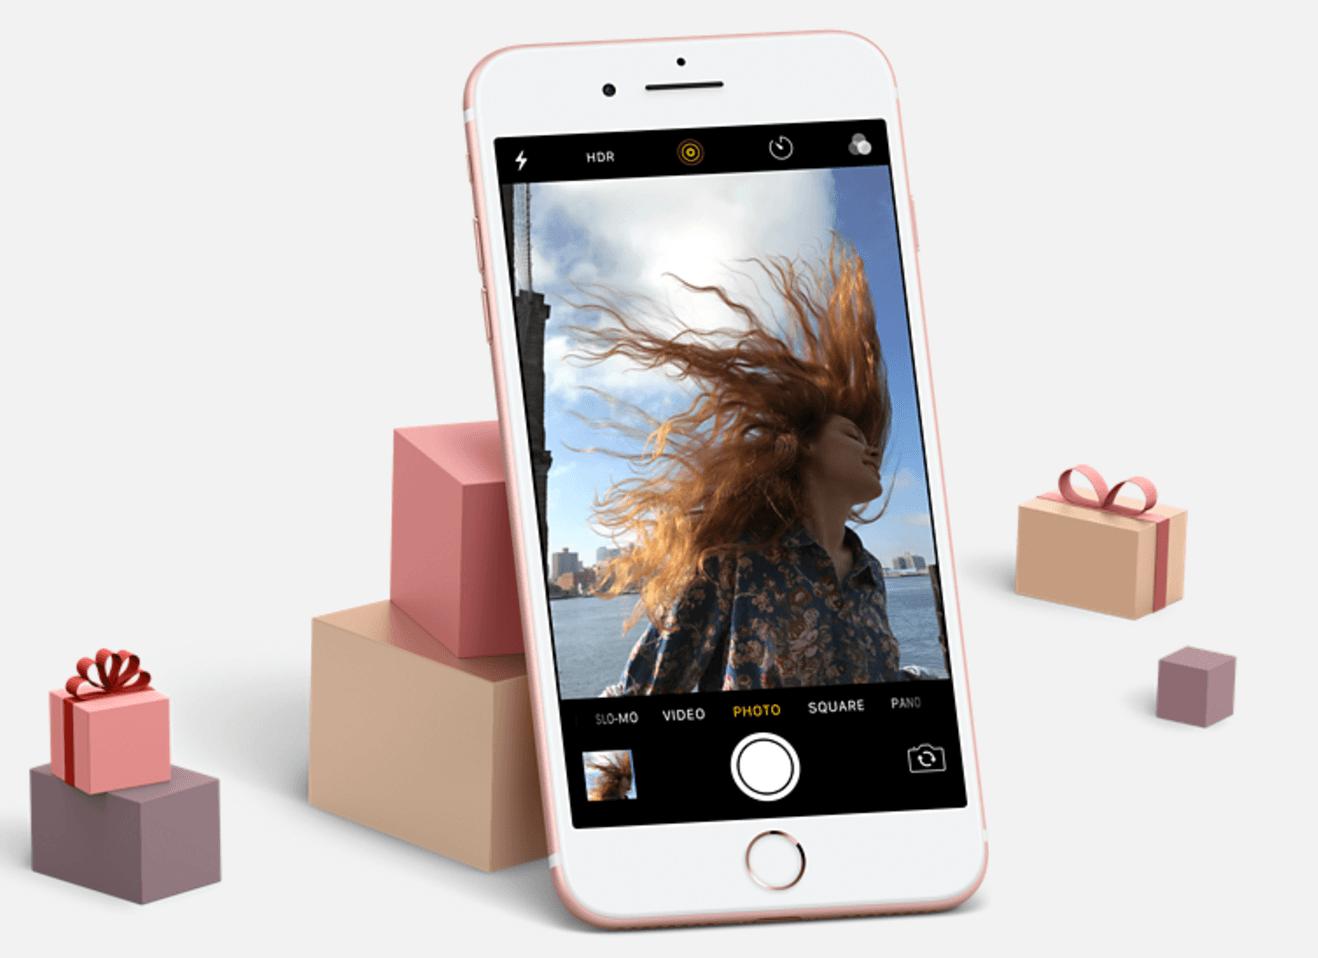 Apple-gift-guide-2016